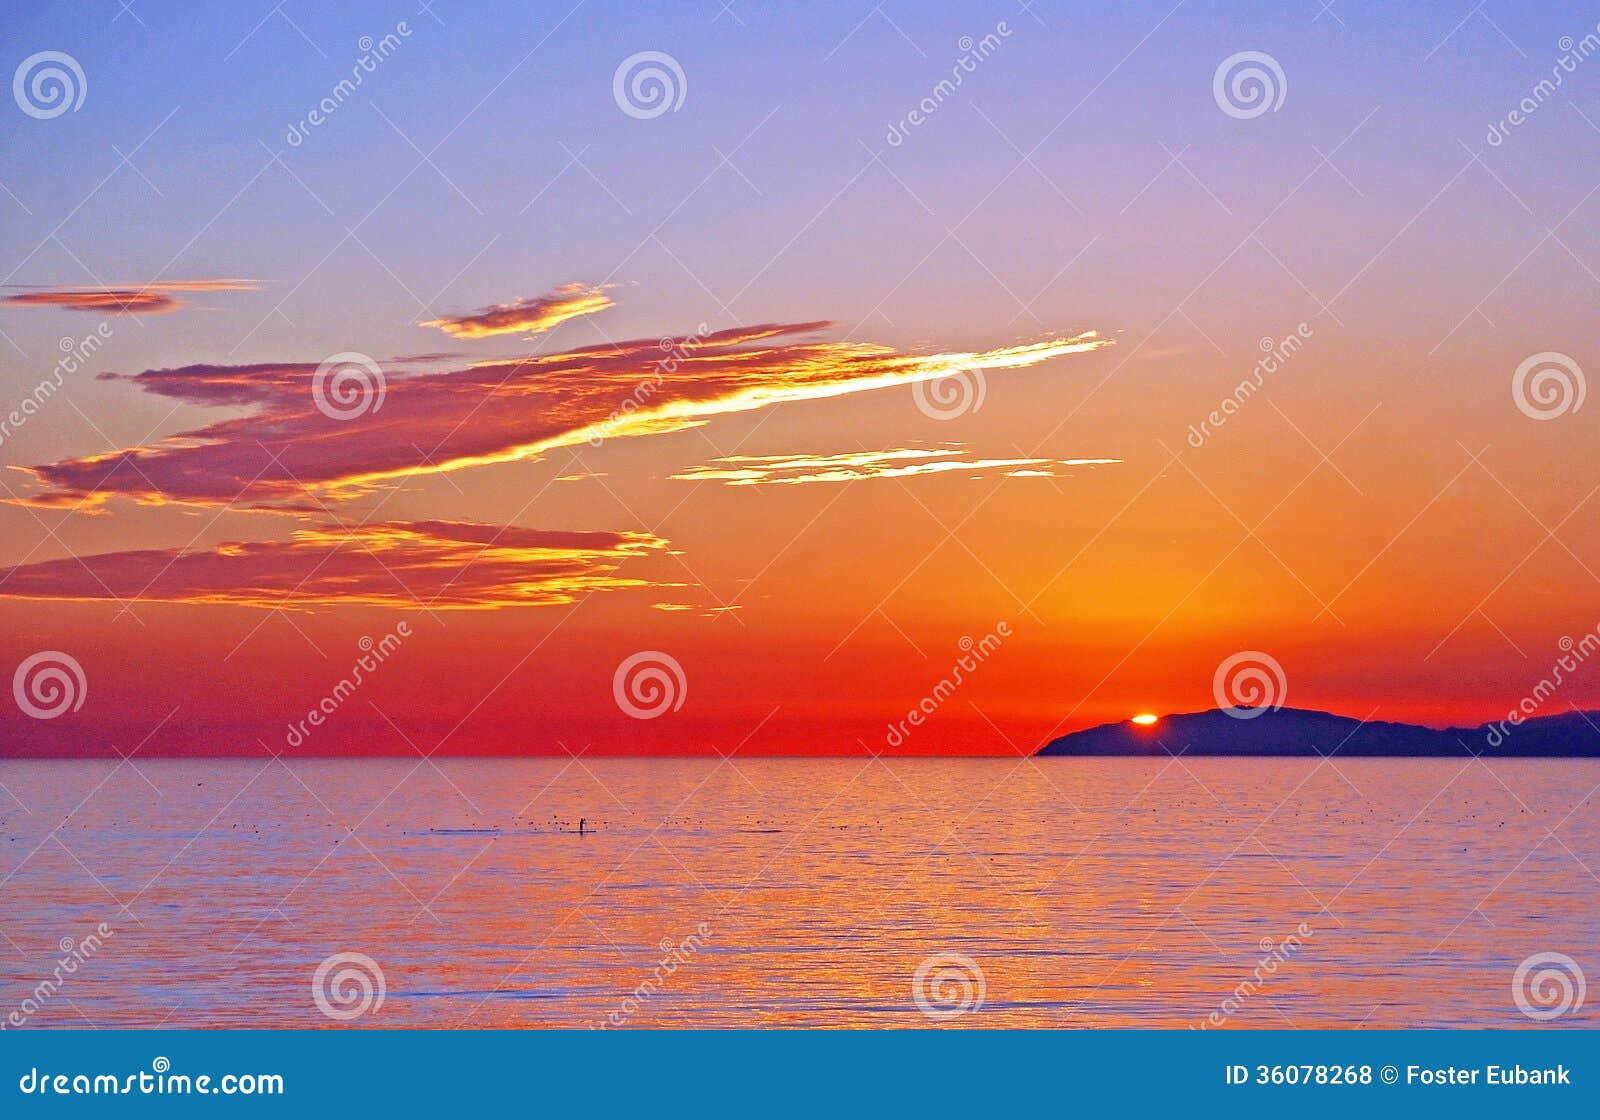 Opinião Santa Catalina Island com os pensionistas da pá fora do Laguna Beach, Califórnia do por do sol.